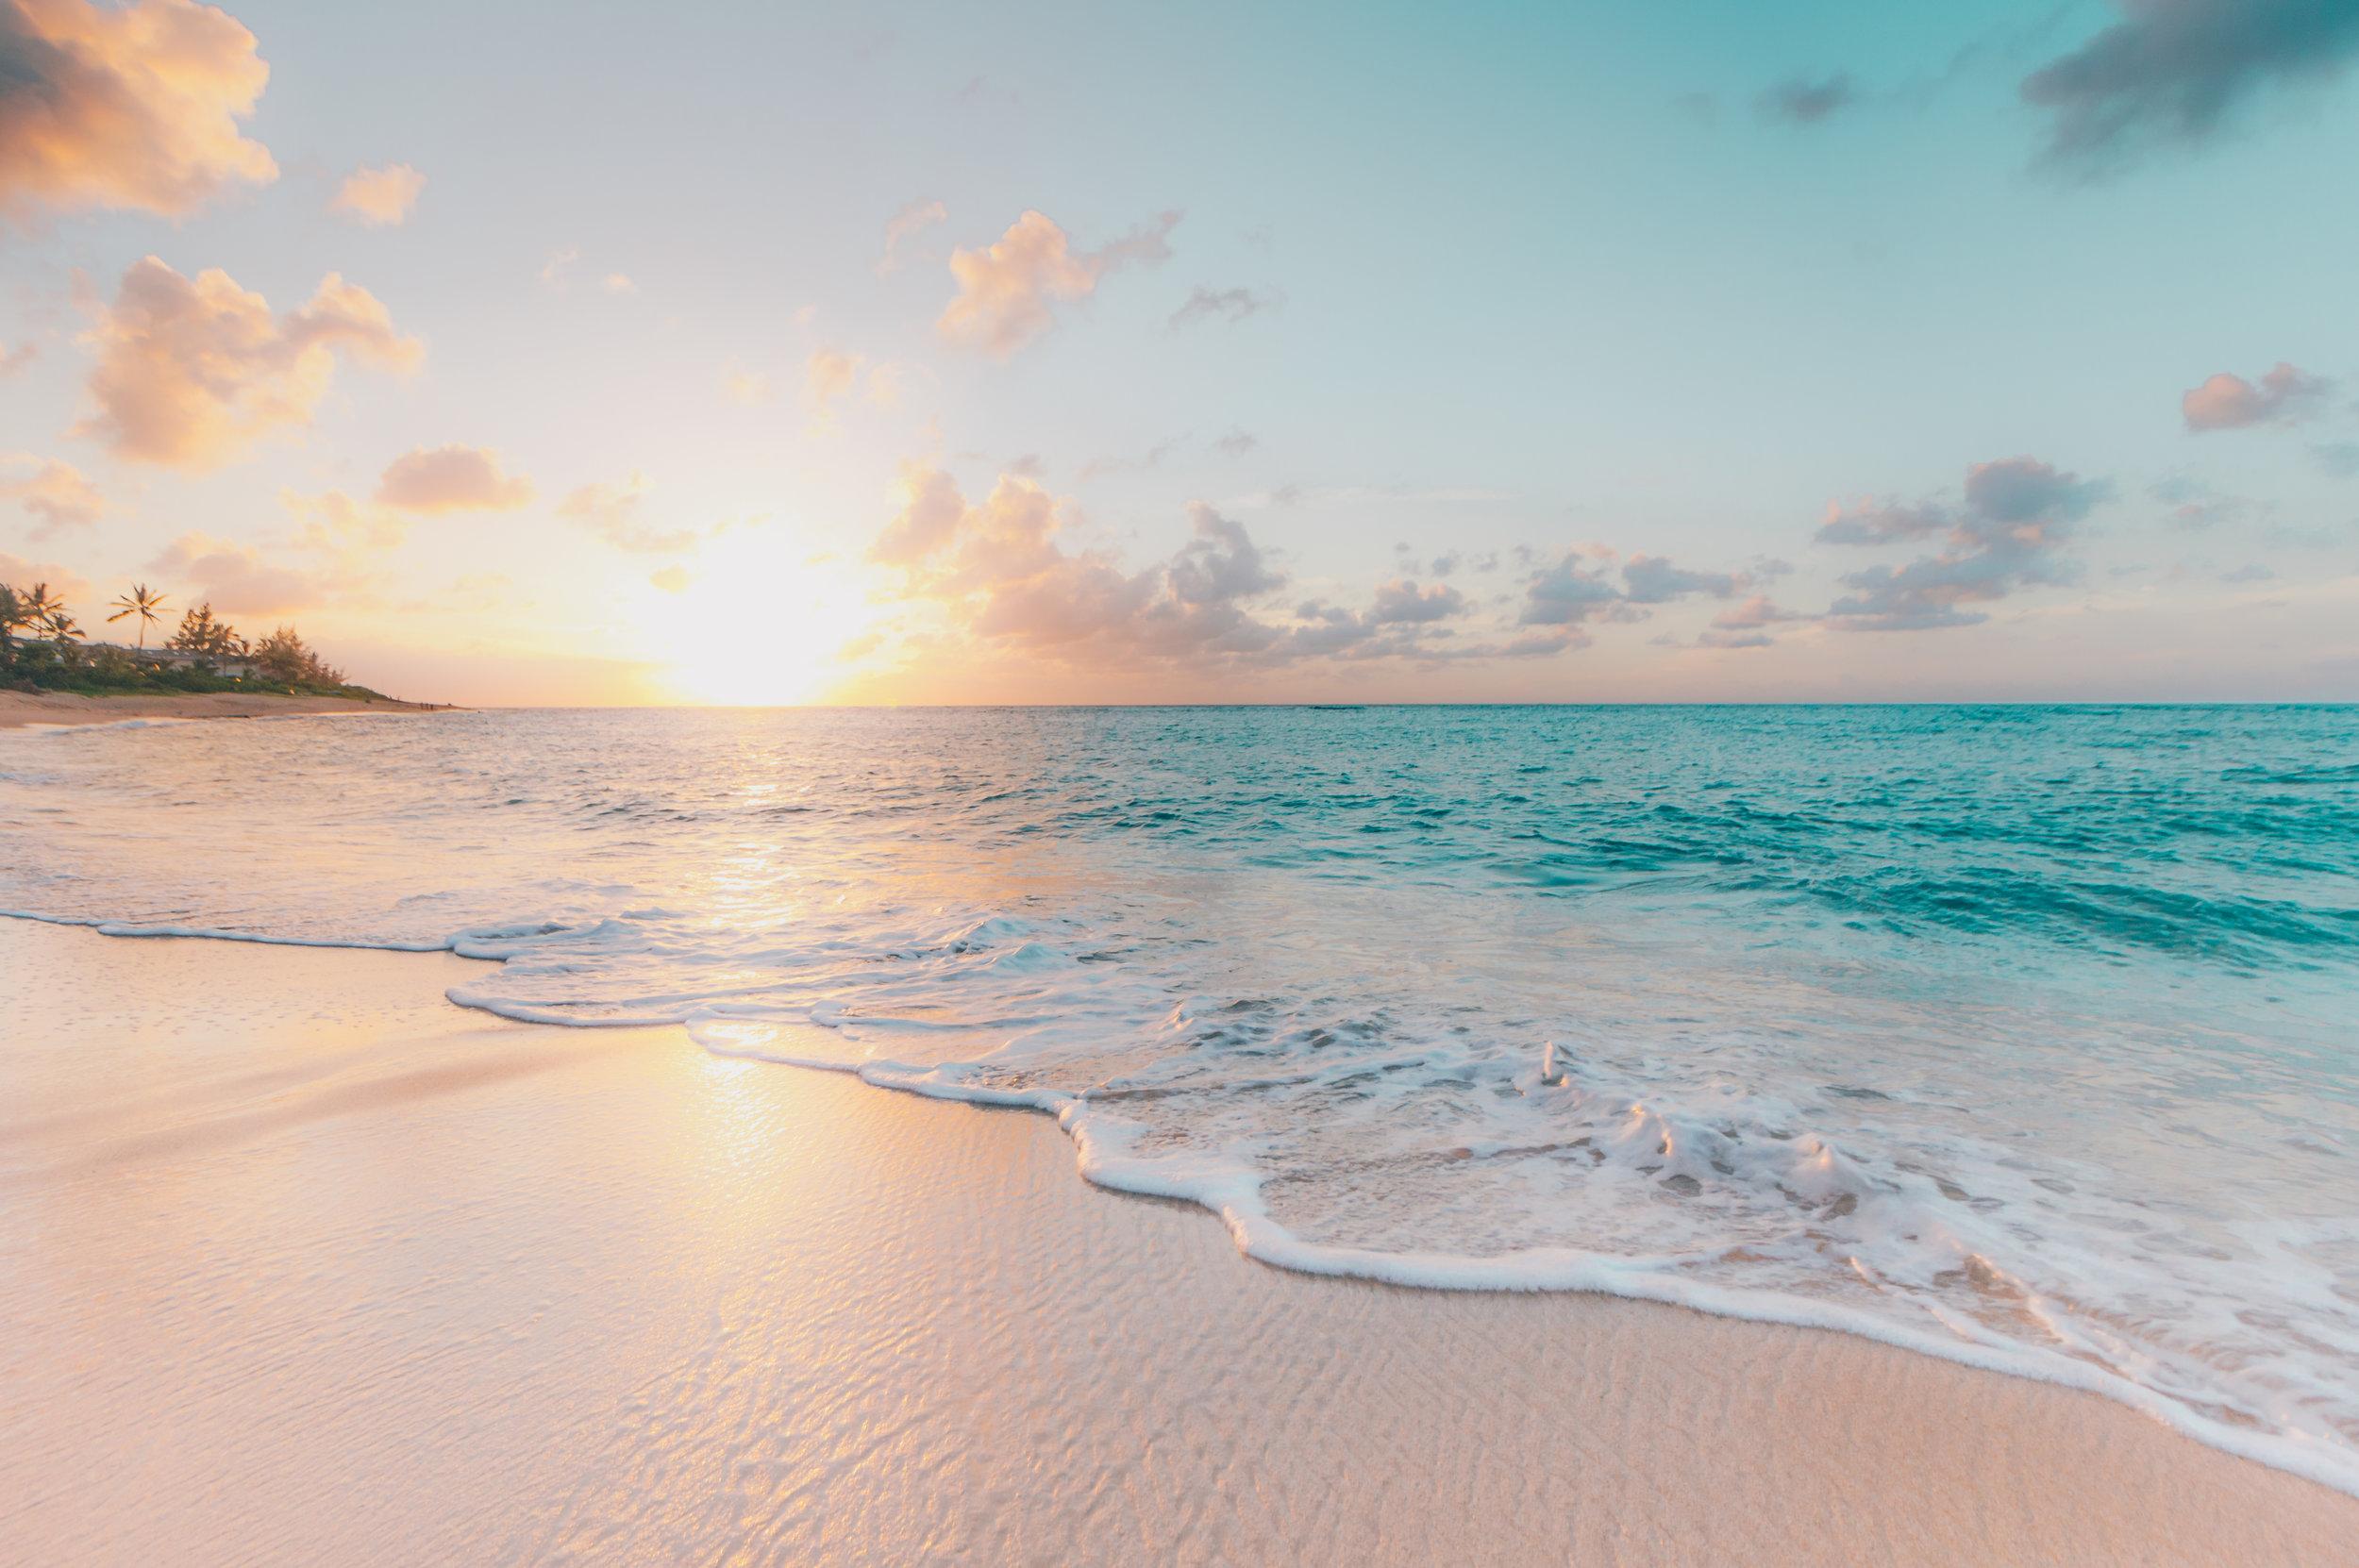 Urlaubstage ausbezahlen lassen - Prüfung von Urlaubsklauseln im Arbeitsvertrag.